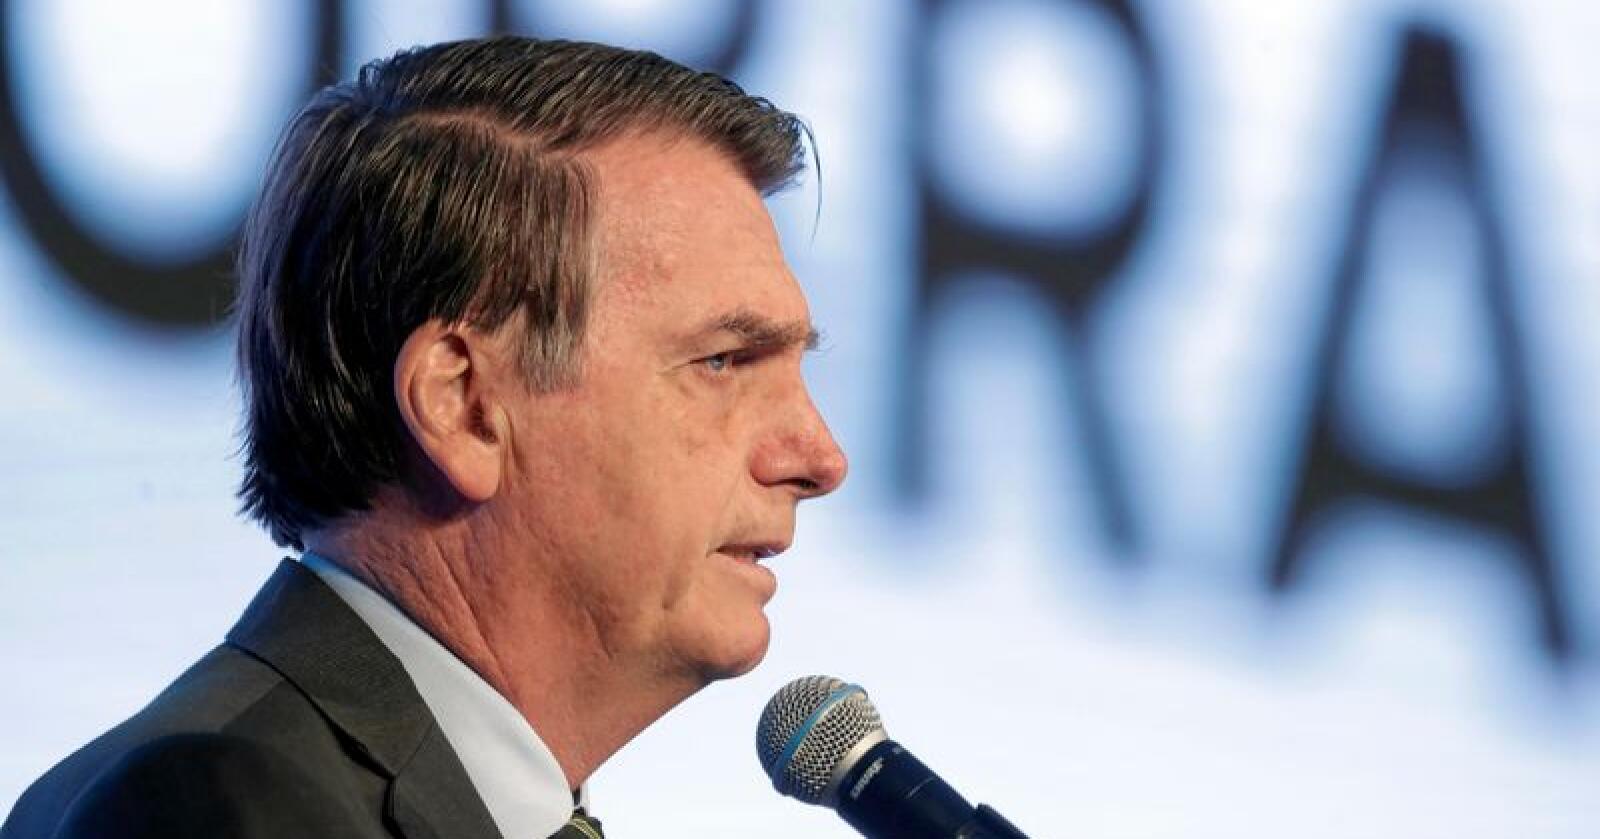 Den brasilianske presidenten Jair Bolsonaro går hardt ut mot Frankrikes president Emmanuel Macron og resten av G7-landenes initiativ til å bistå med å slokke de kraftige brannene som herjer i Amazonas. Foto: Eraldo Peres / AP / NTB scanpix